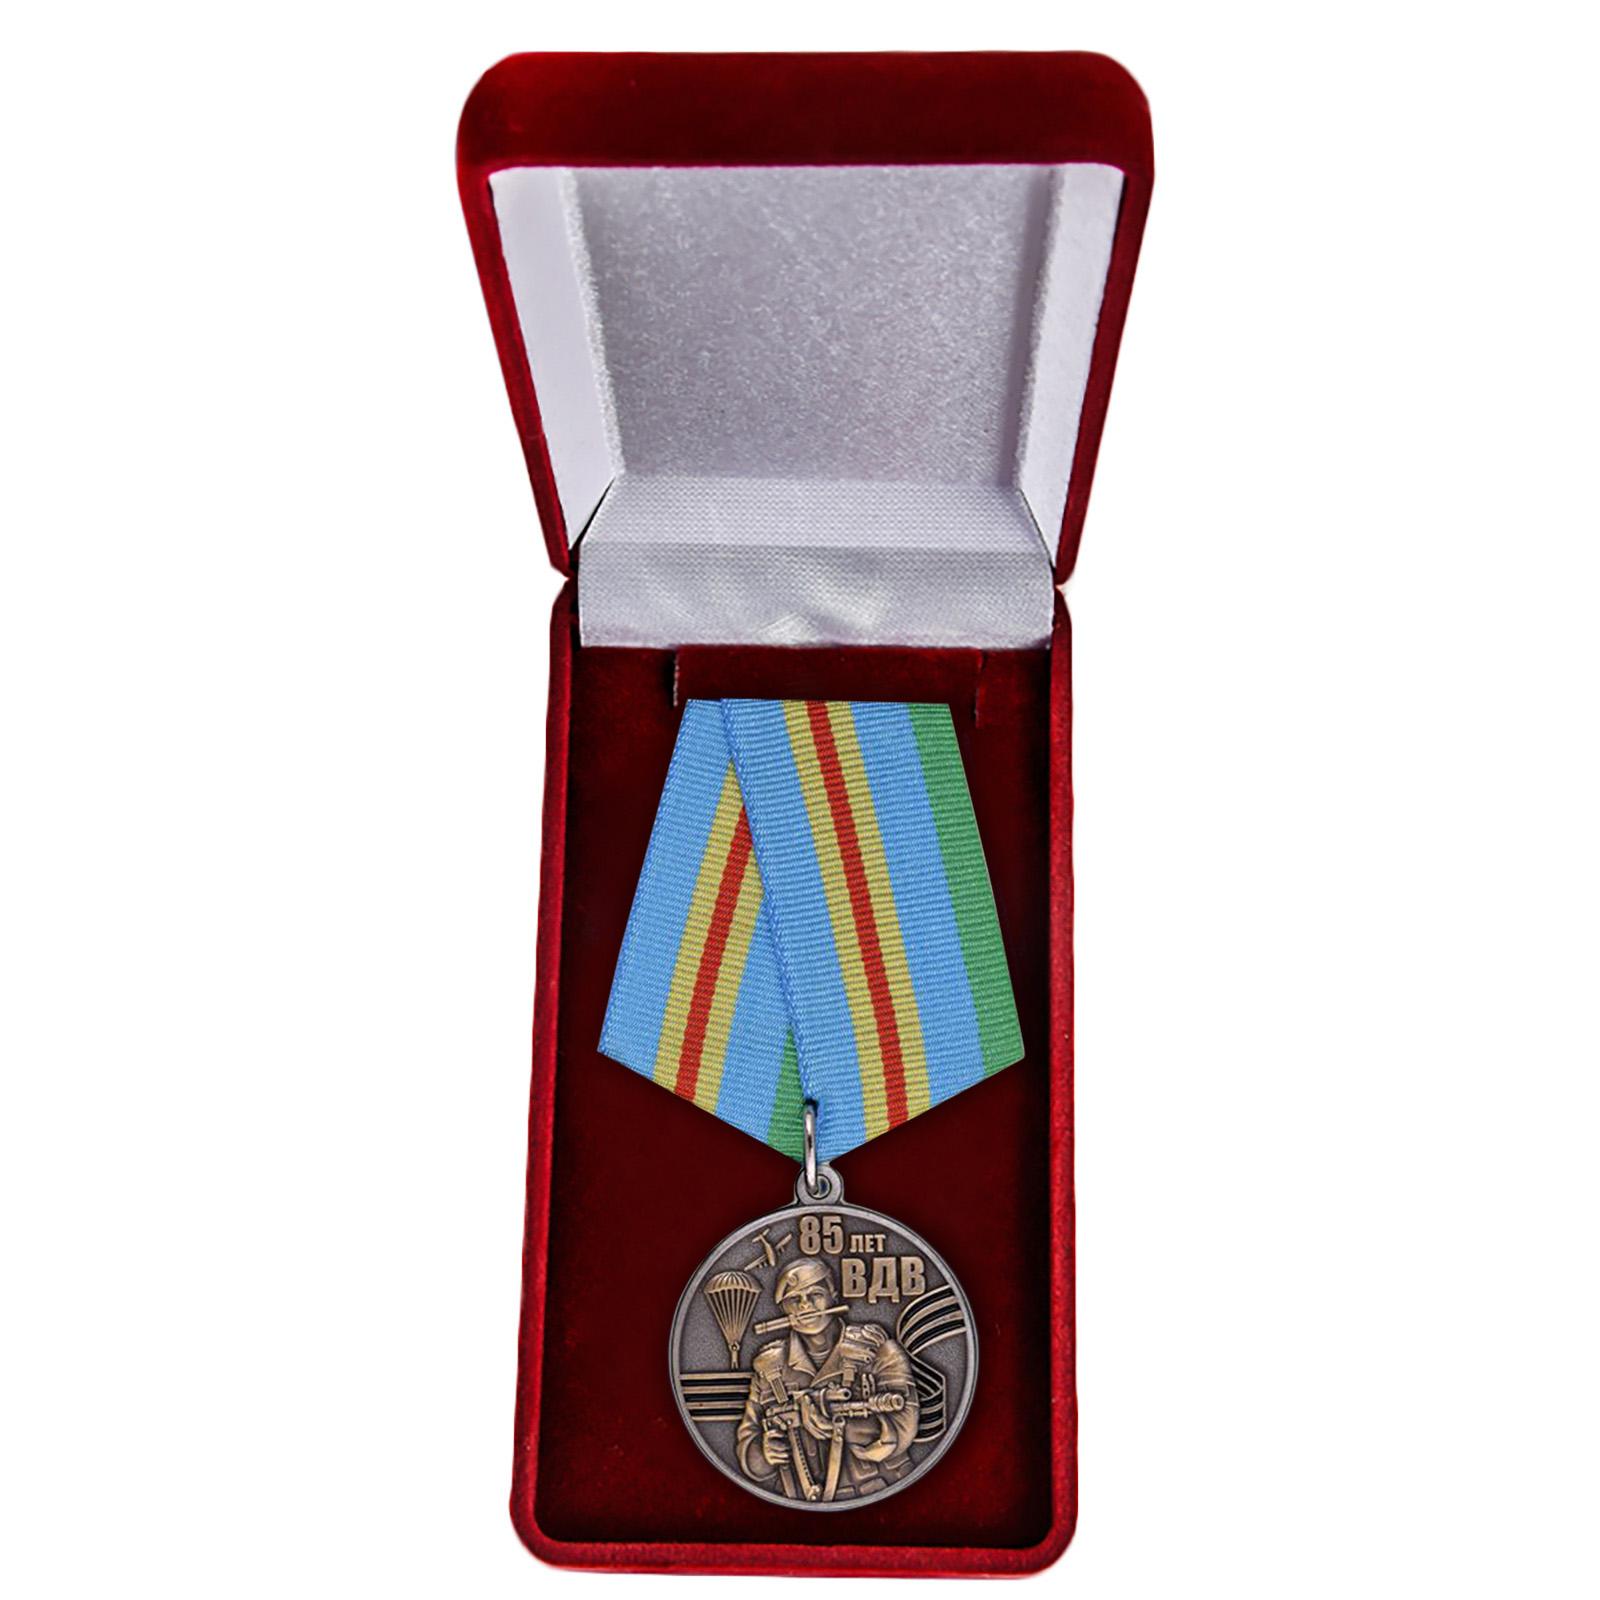 Юбилейная медаль ВДВ для лучших представителей воздушного десанта - в футляре